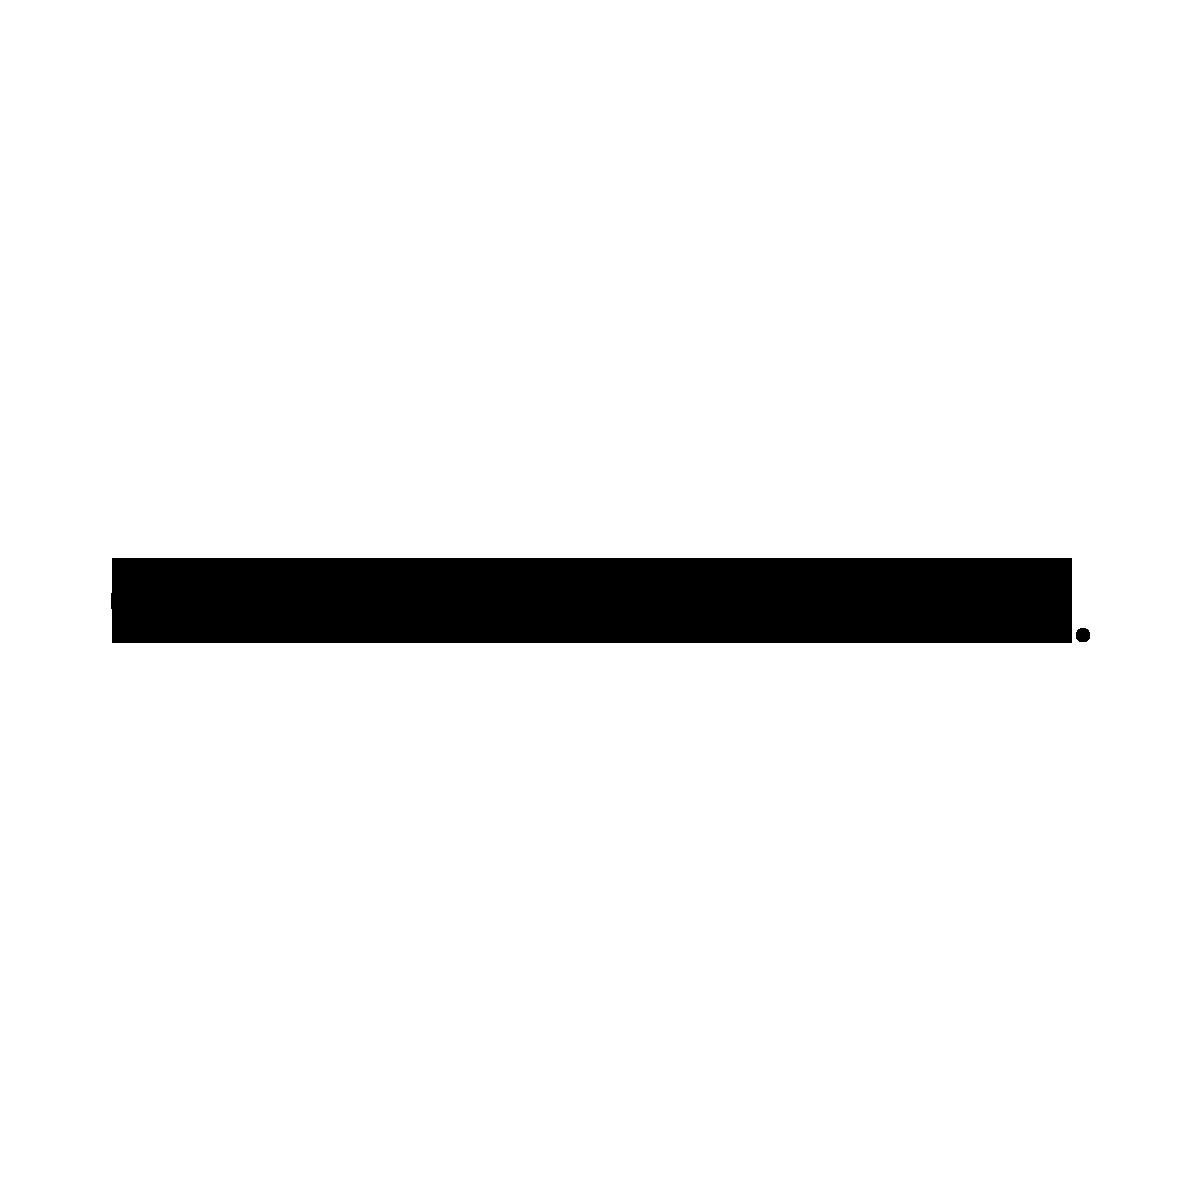 Espadrille-loafer-shiny-geprint-leer-zwart